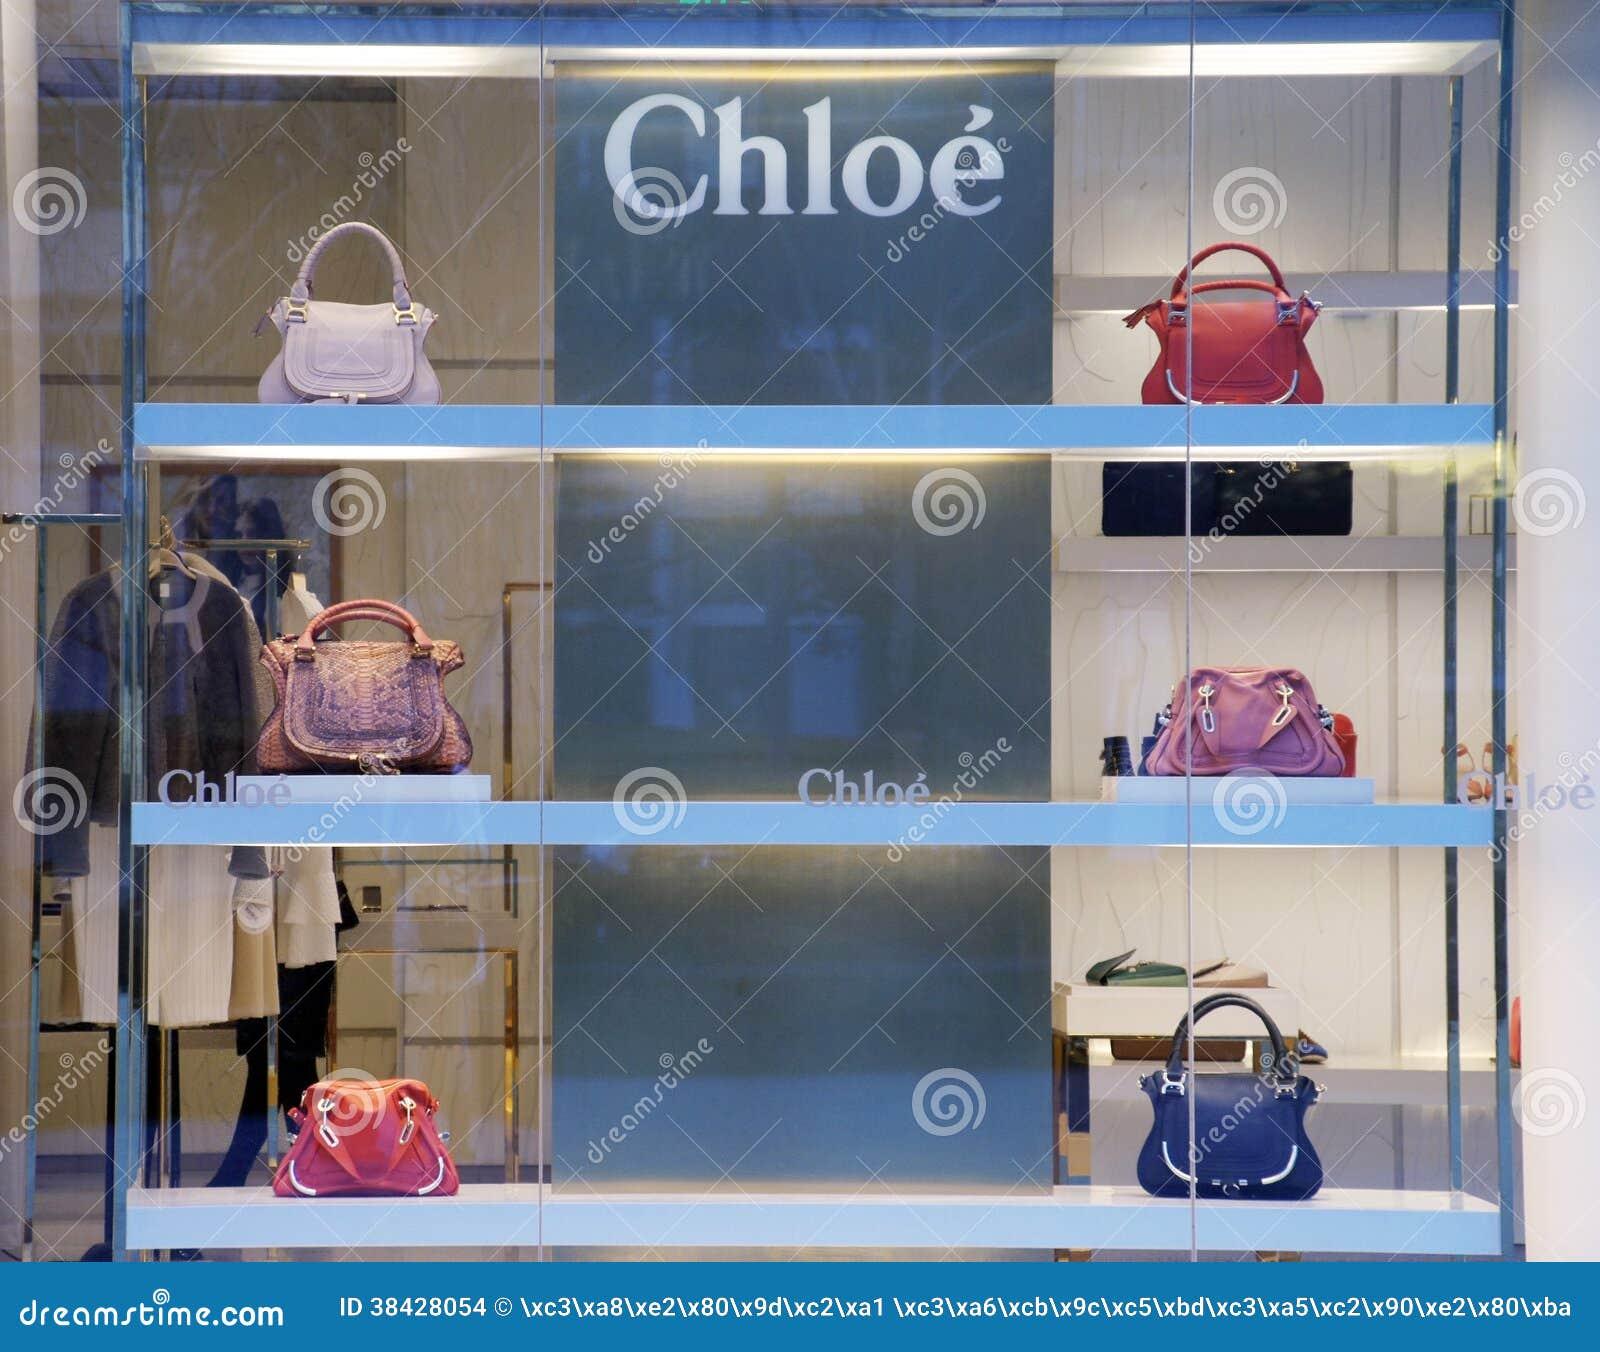 ca01bbdc638f1 Loja Da Forma De Chloe Em China Imagem de Stock Editorial - Imagem ...